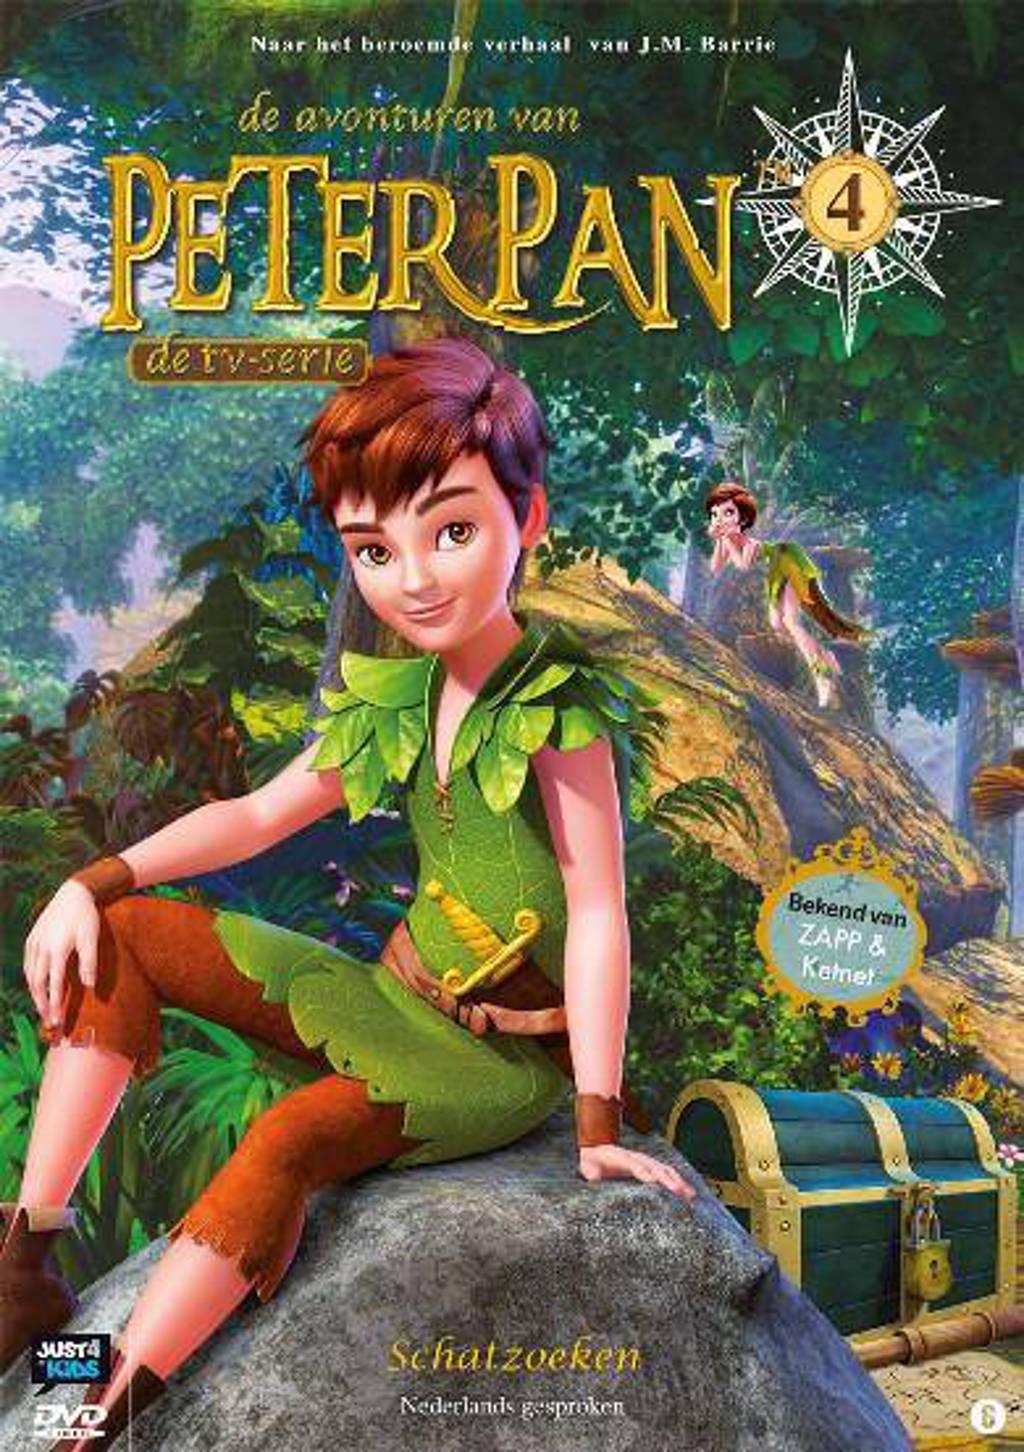 Avonturen van Peter Pan 4 (DVD)